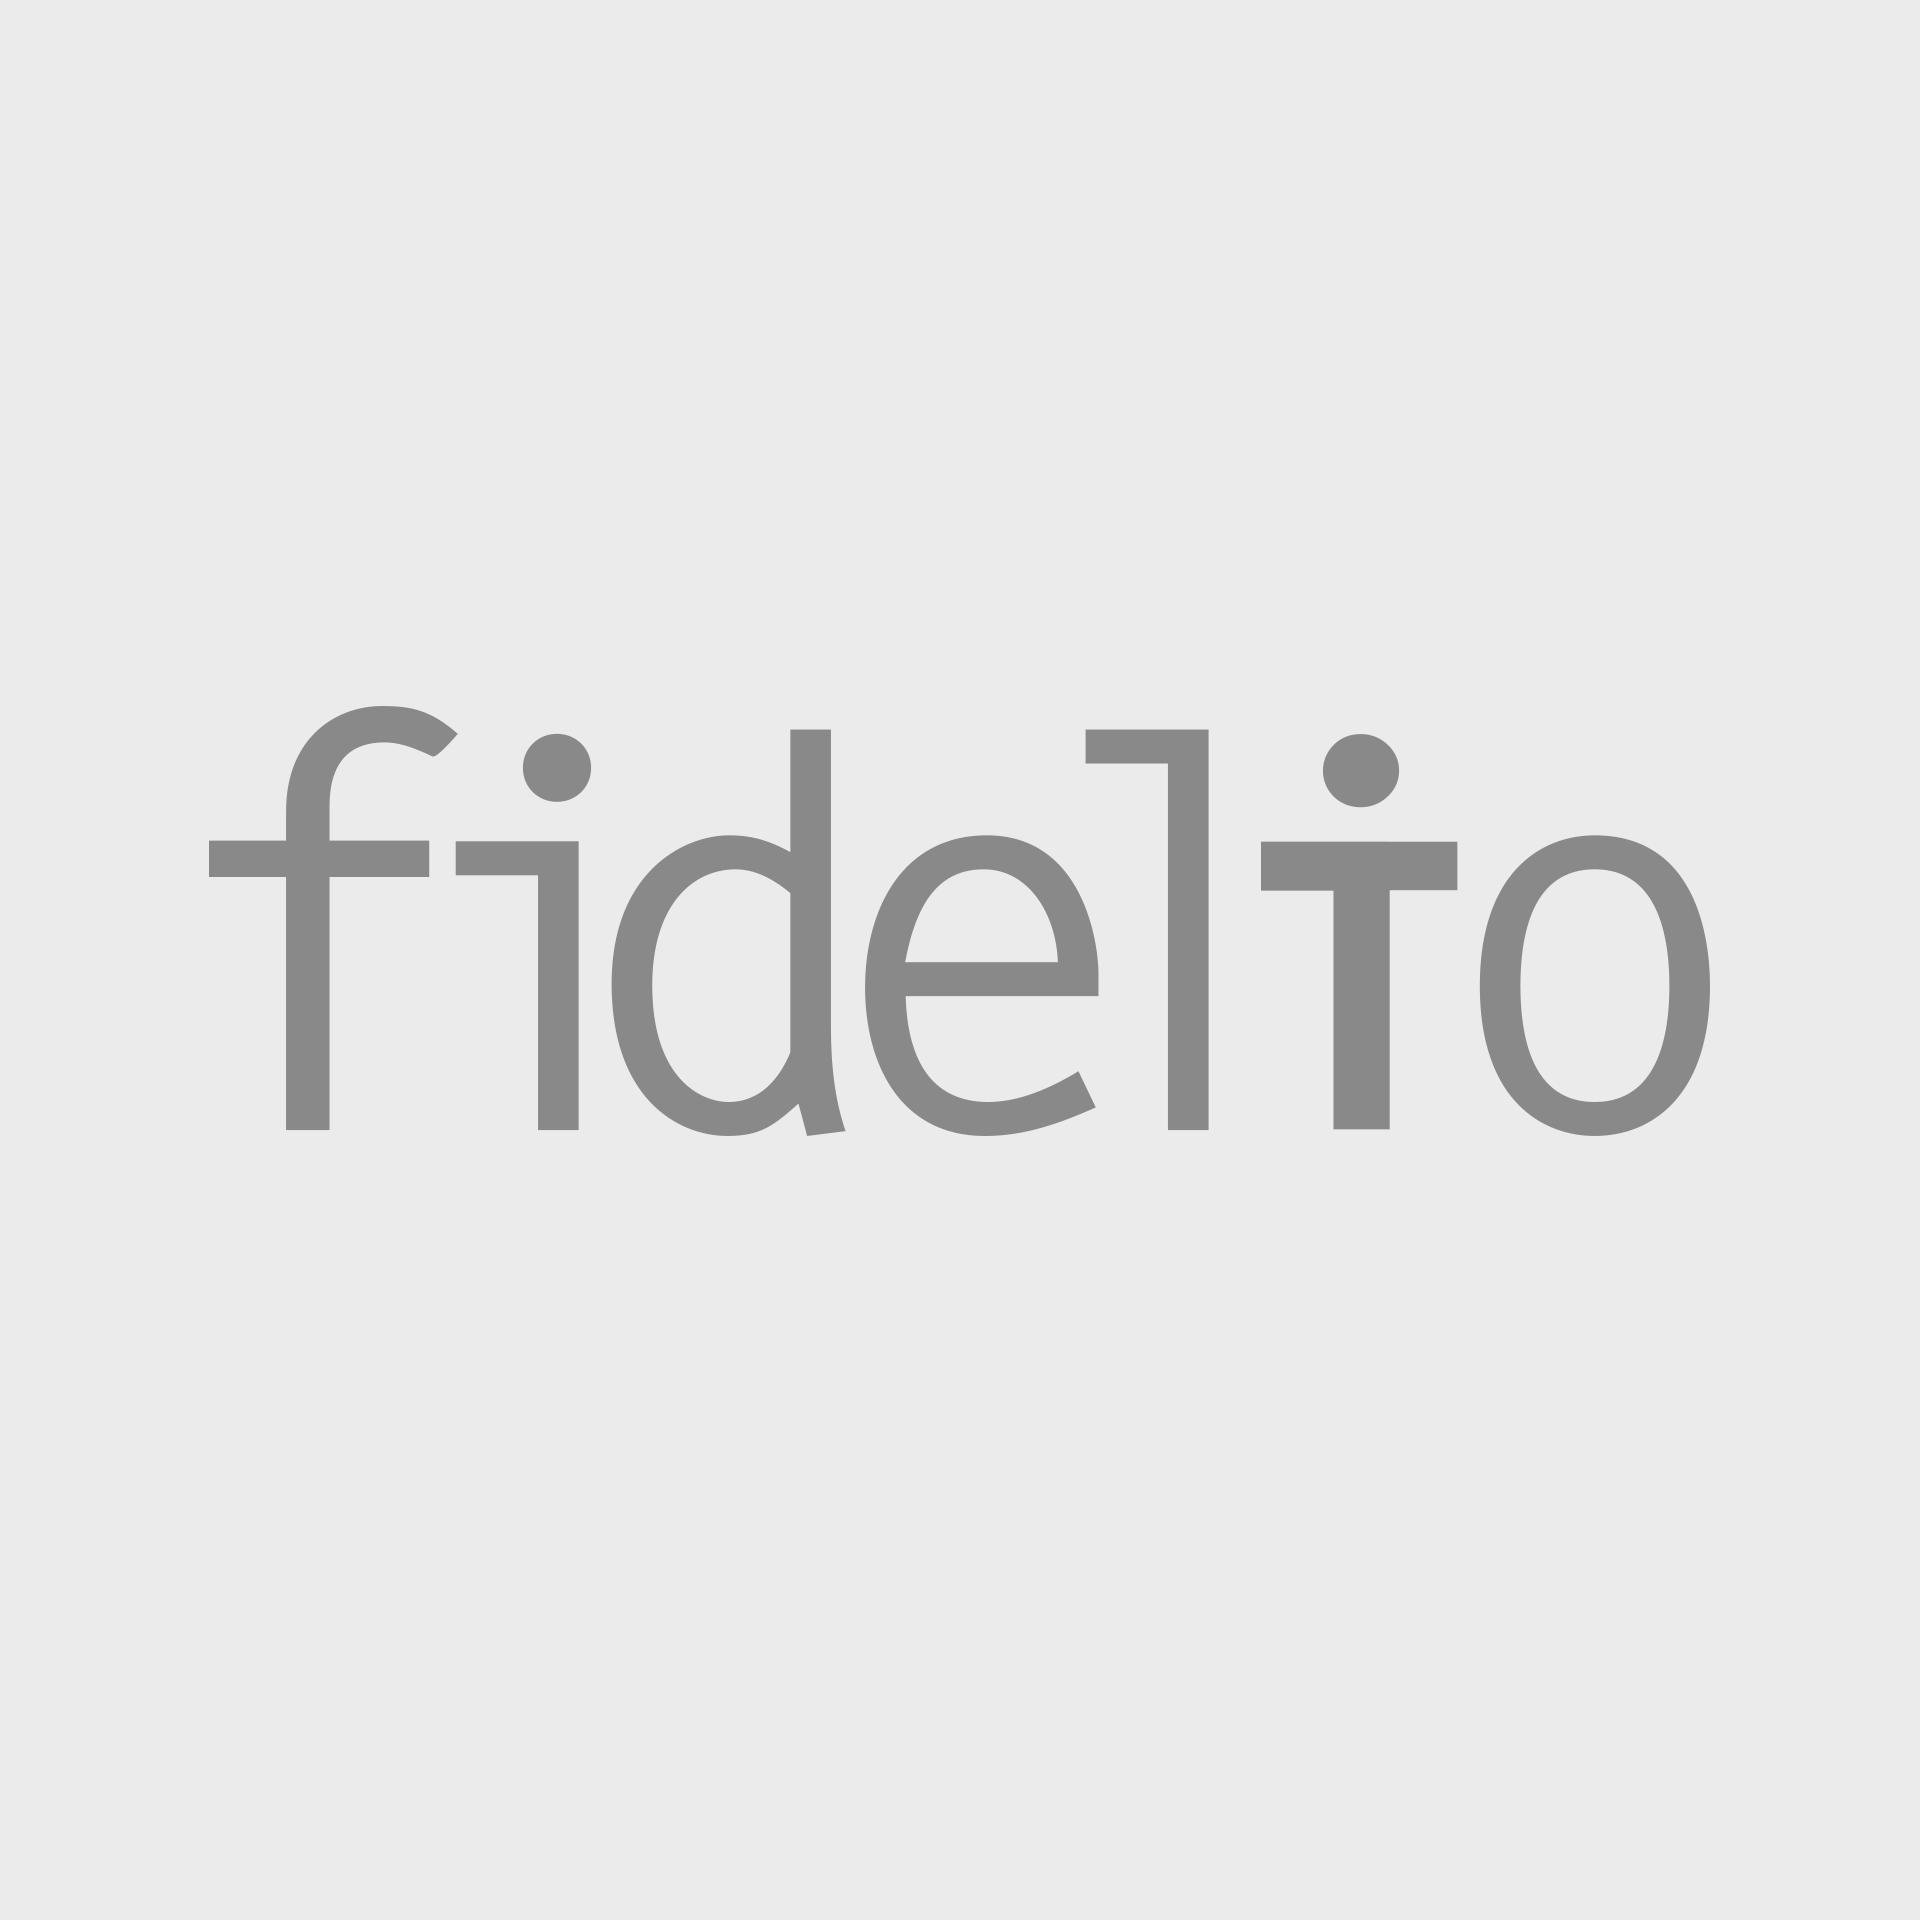 Szeretné Cillei Ulrik levelét  - Fidelio.hu ad8ccc81e5